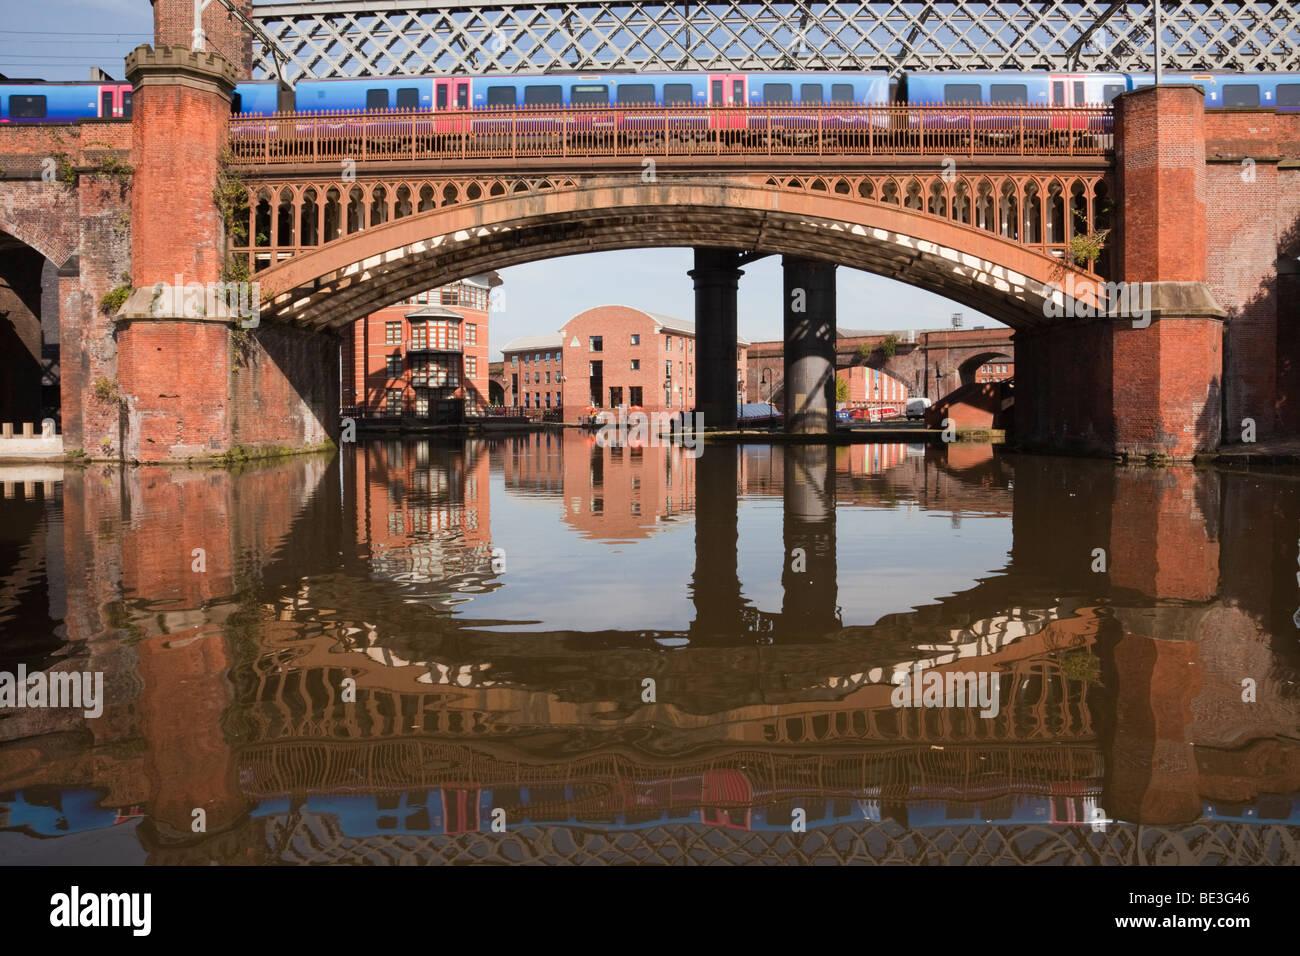 Tren que cruza el puente viaducto ferroviario victoriana sobre Bridgewater Canal en Castlefield Urban Heritage Park zona de conservación. Manchester, Inglaterra, Reino Unido. Foto de stock